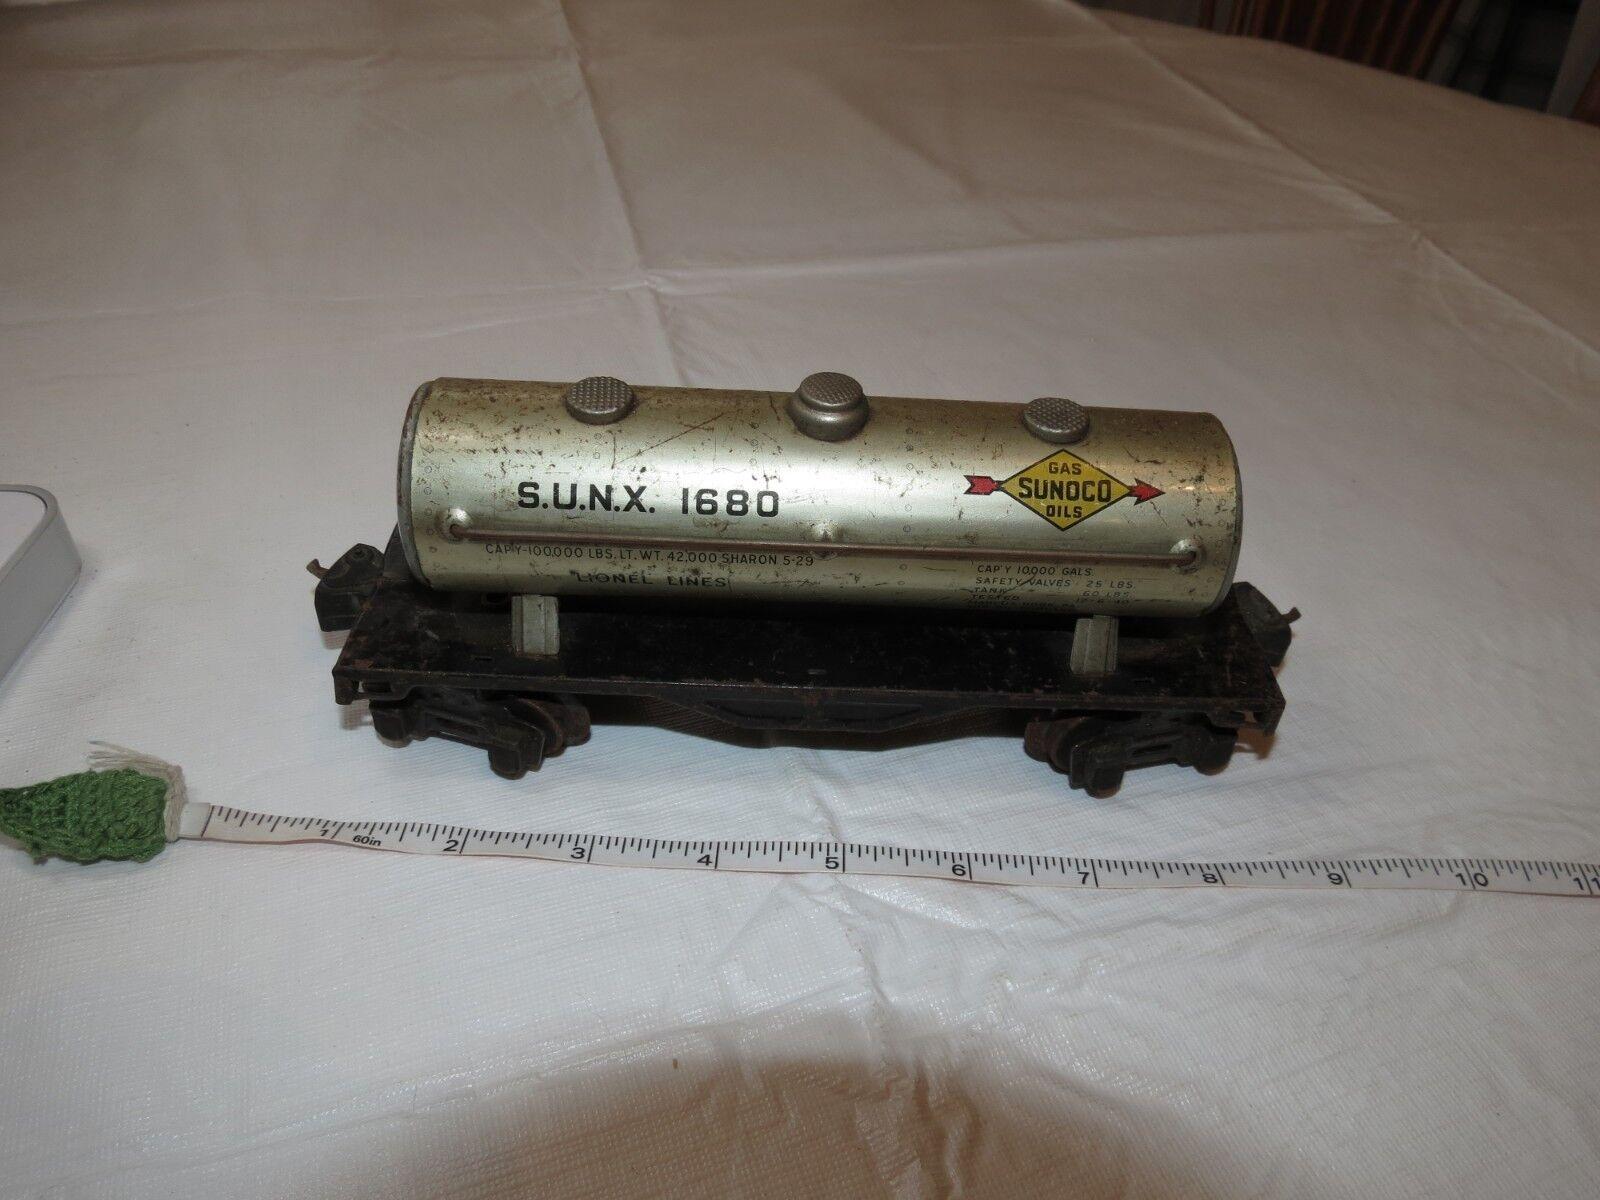 Lionel Trains Linien Zug Auto S. U. N. X.1680 Gas Sunoco Öle Jahr top Selten